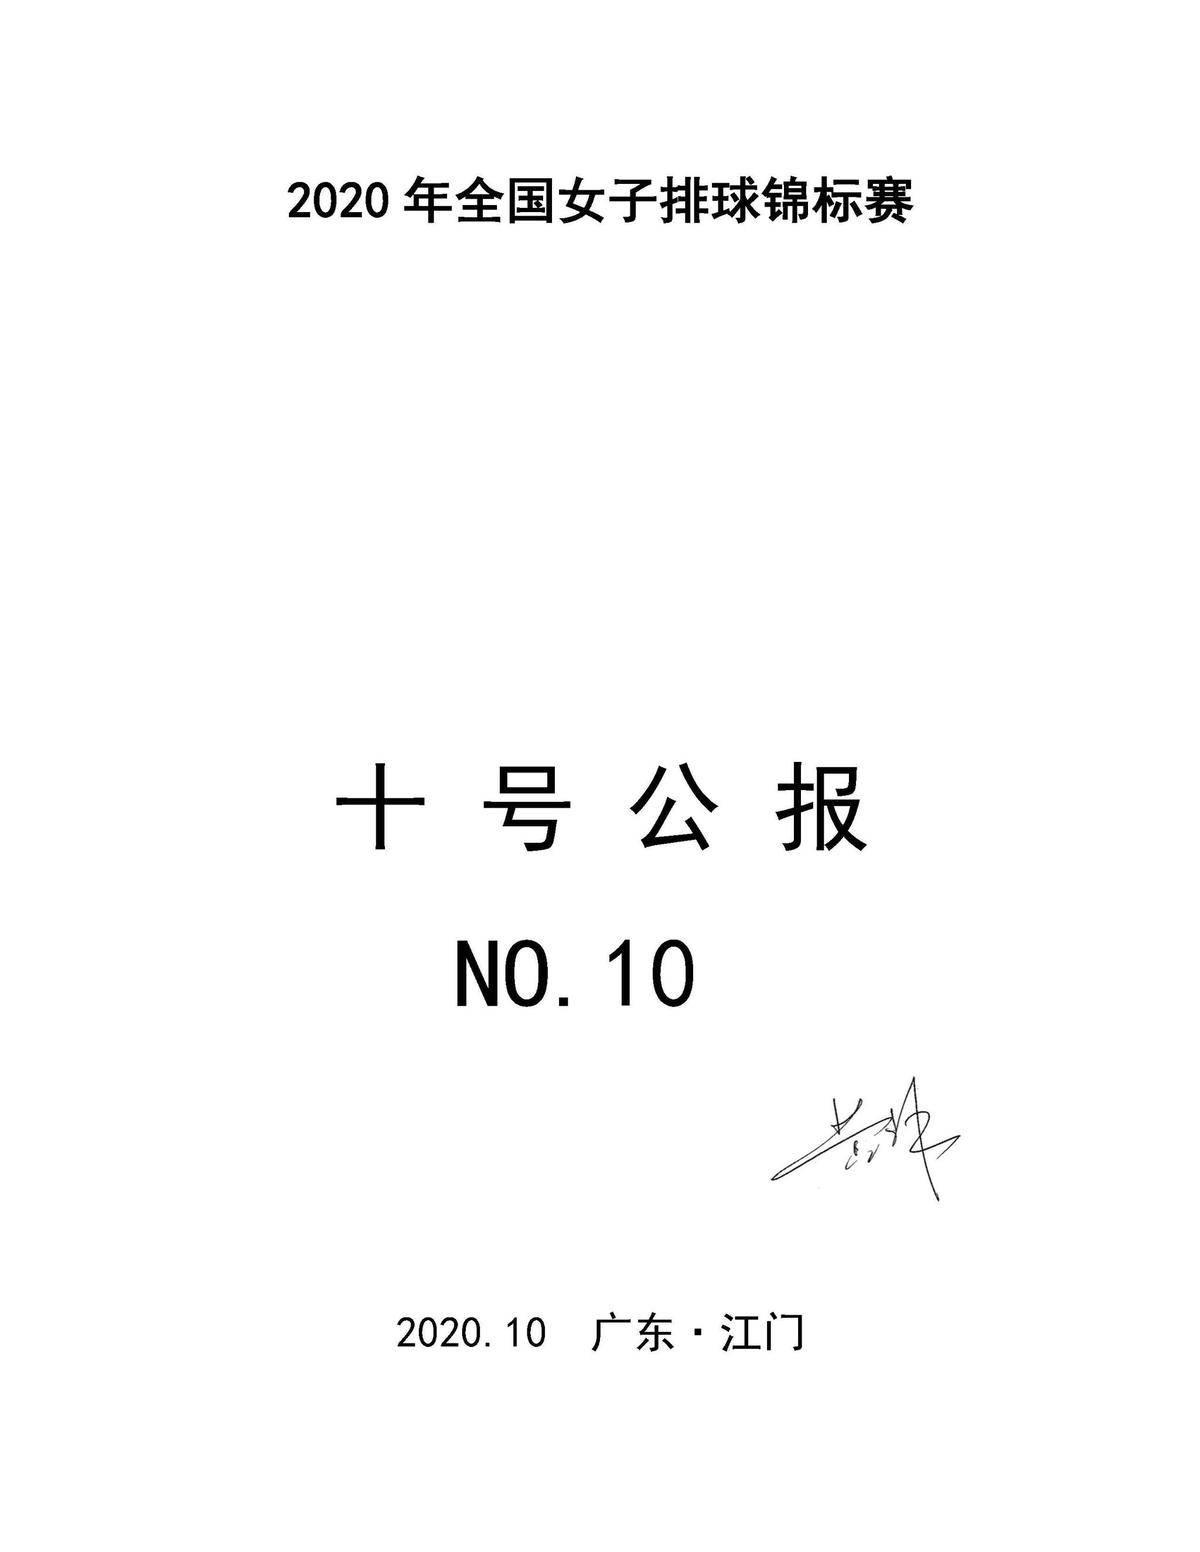 2020年全国女子排球锦标赛10号通告 2020:华体会体育(图2)